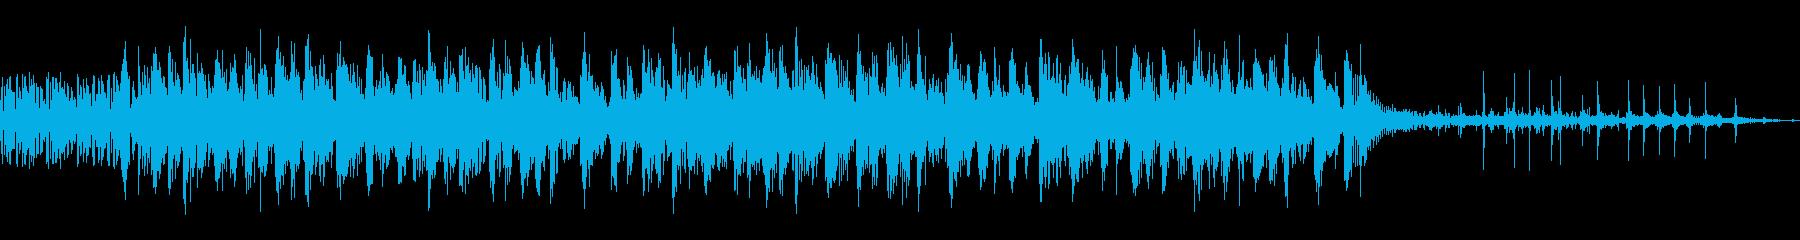 ラテンテクノアクセントの再生済みの波形